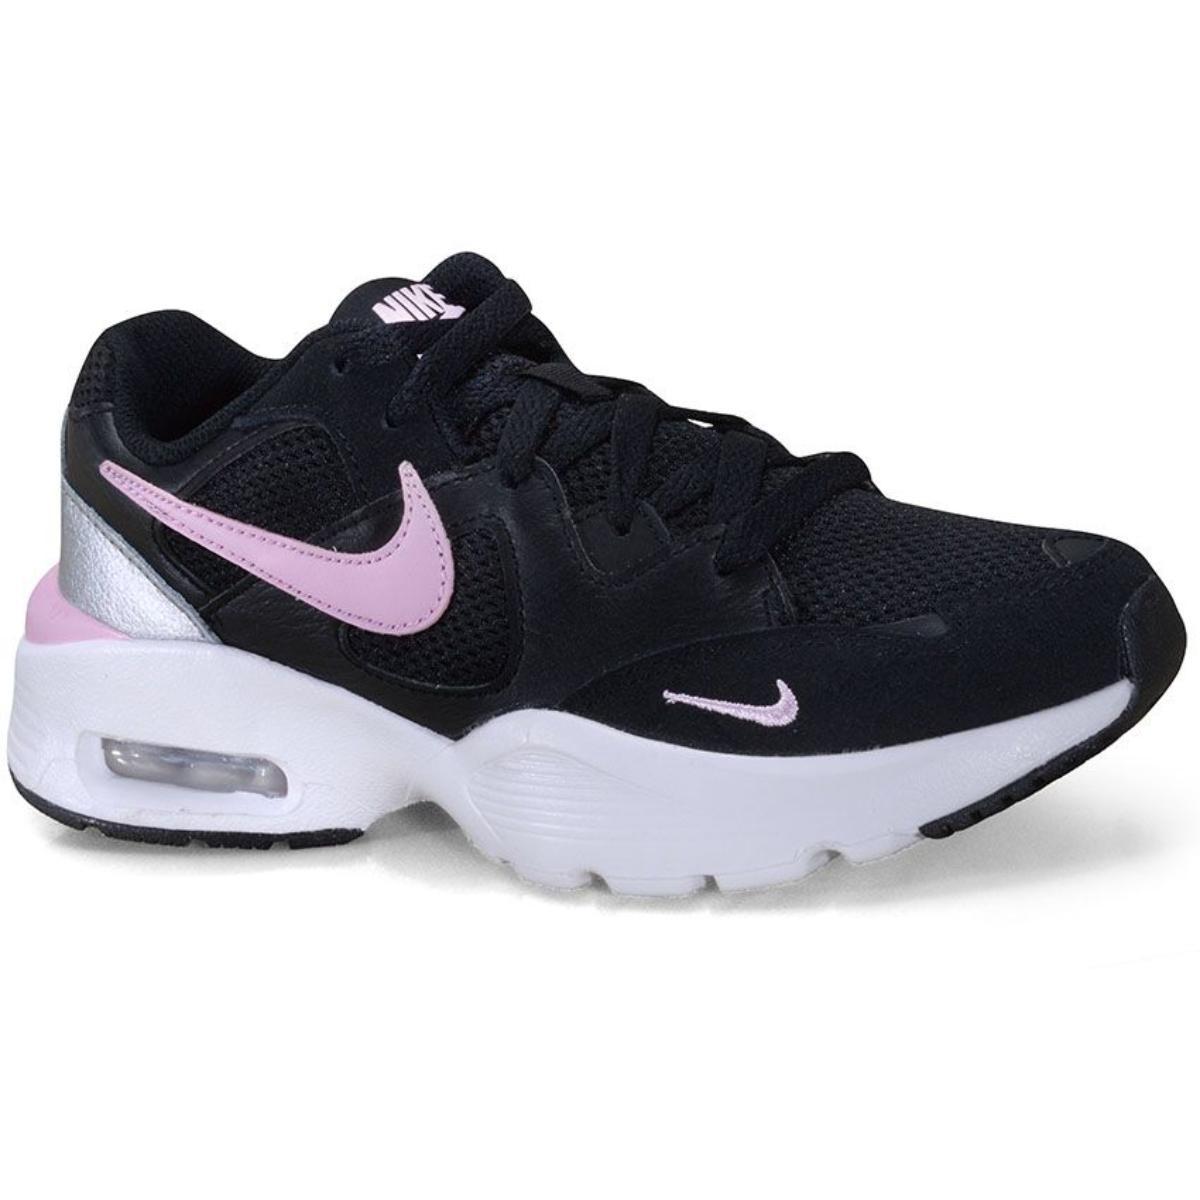 Tênis Feminino Nike Cj1671-005  Air Max Fusion Preto/branco/pink